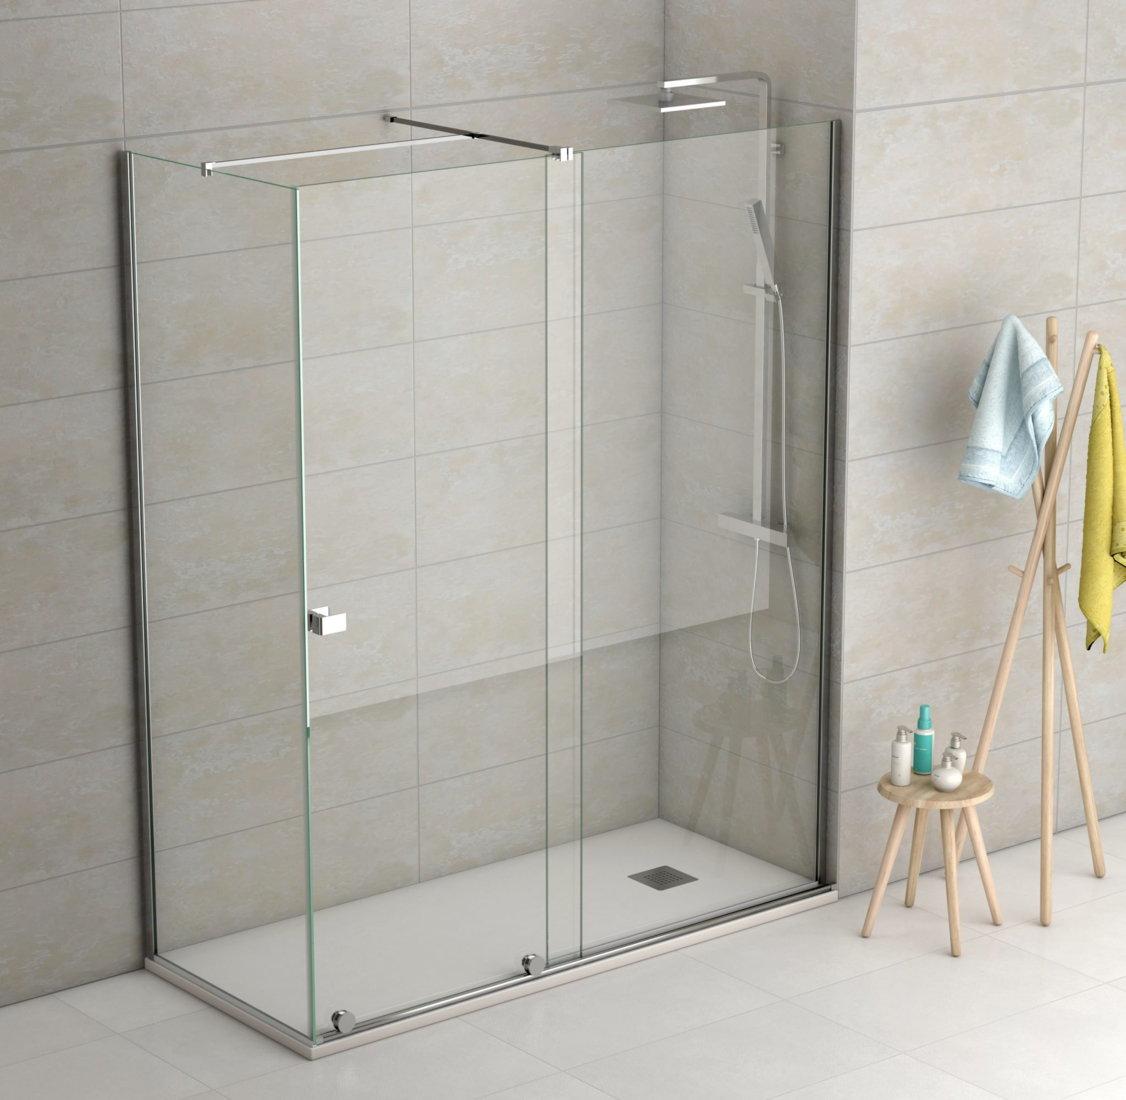 Mampara de ducha becrisa modelo manhattan de 1 fijo y 1 - Como hacer una mampara ...